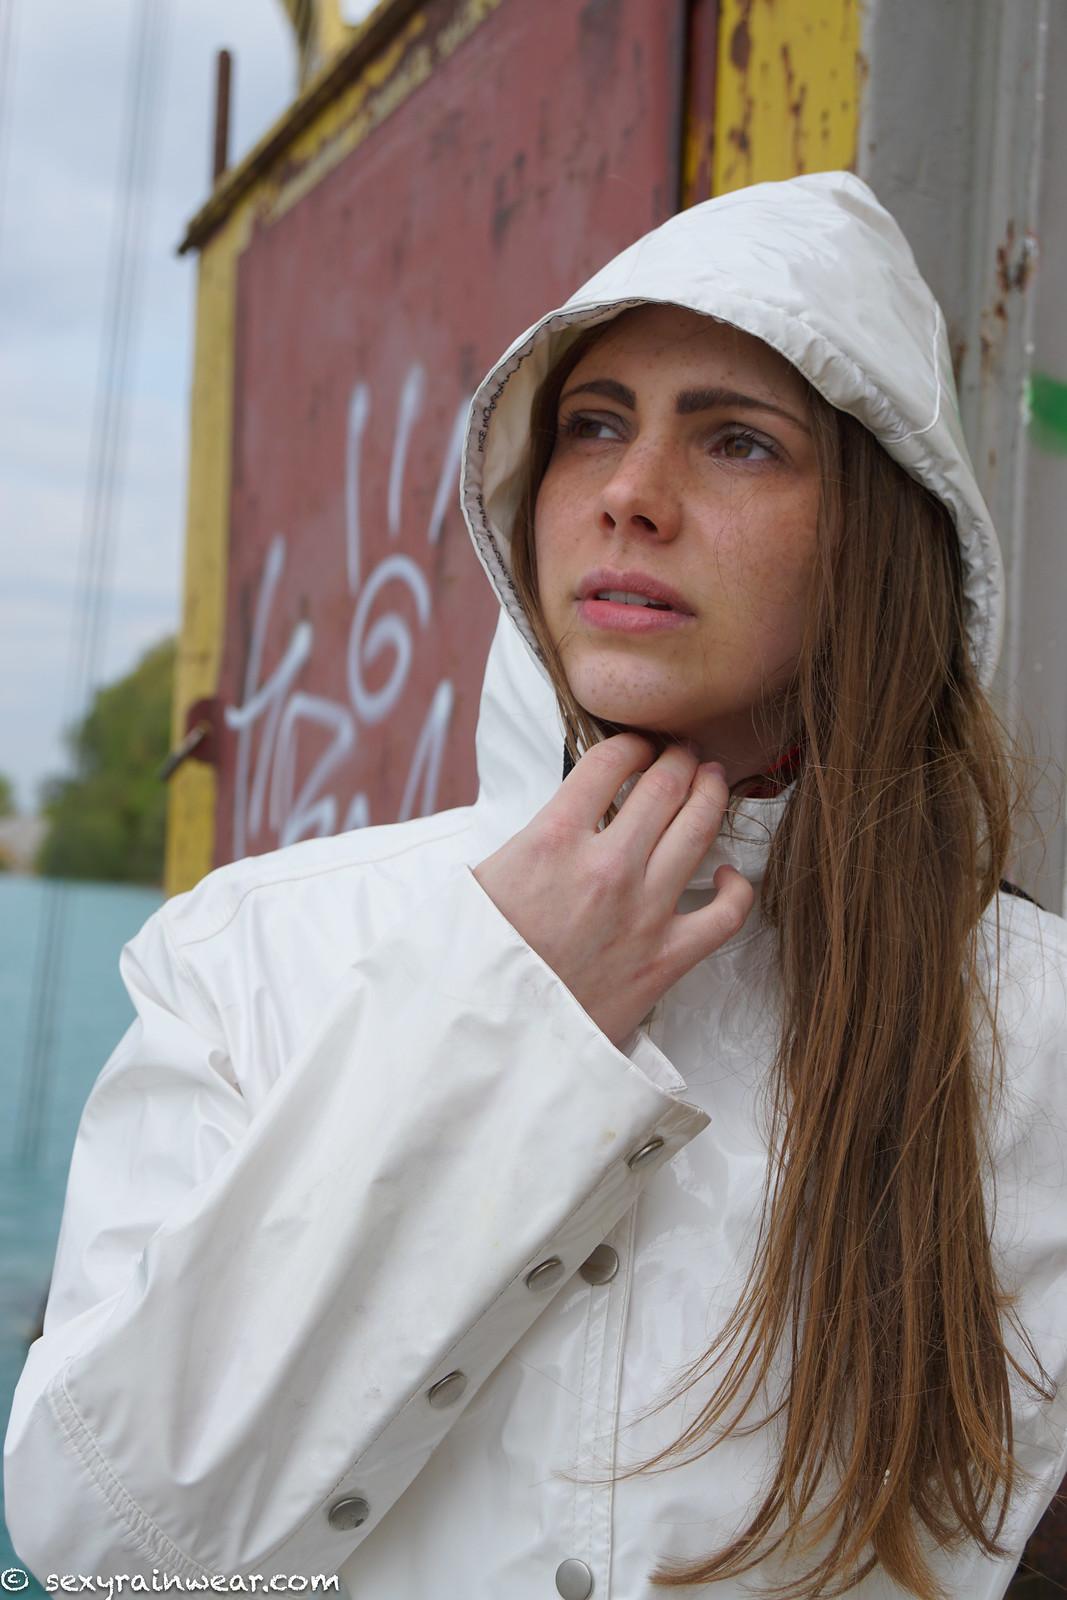 Martina dans Ilse Jacobsen, vinyle blanche